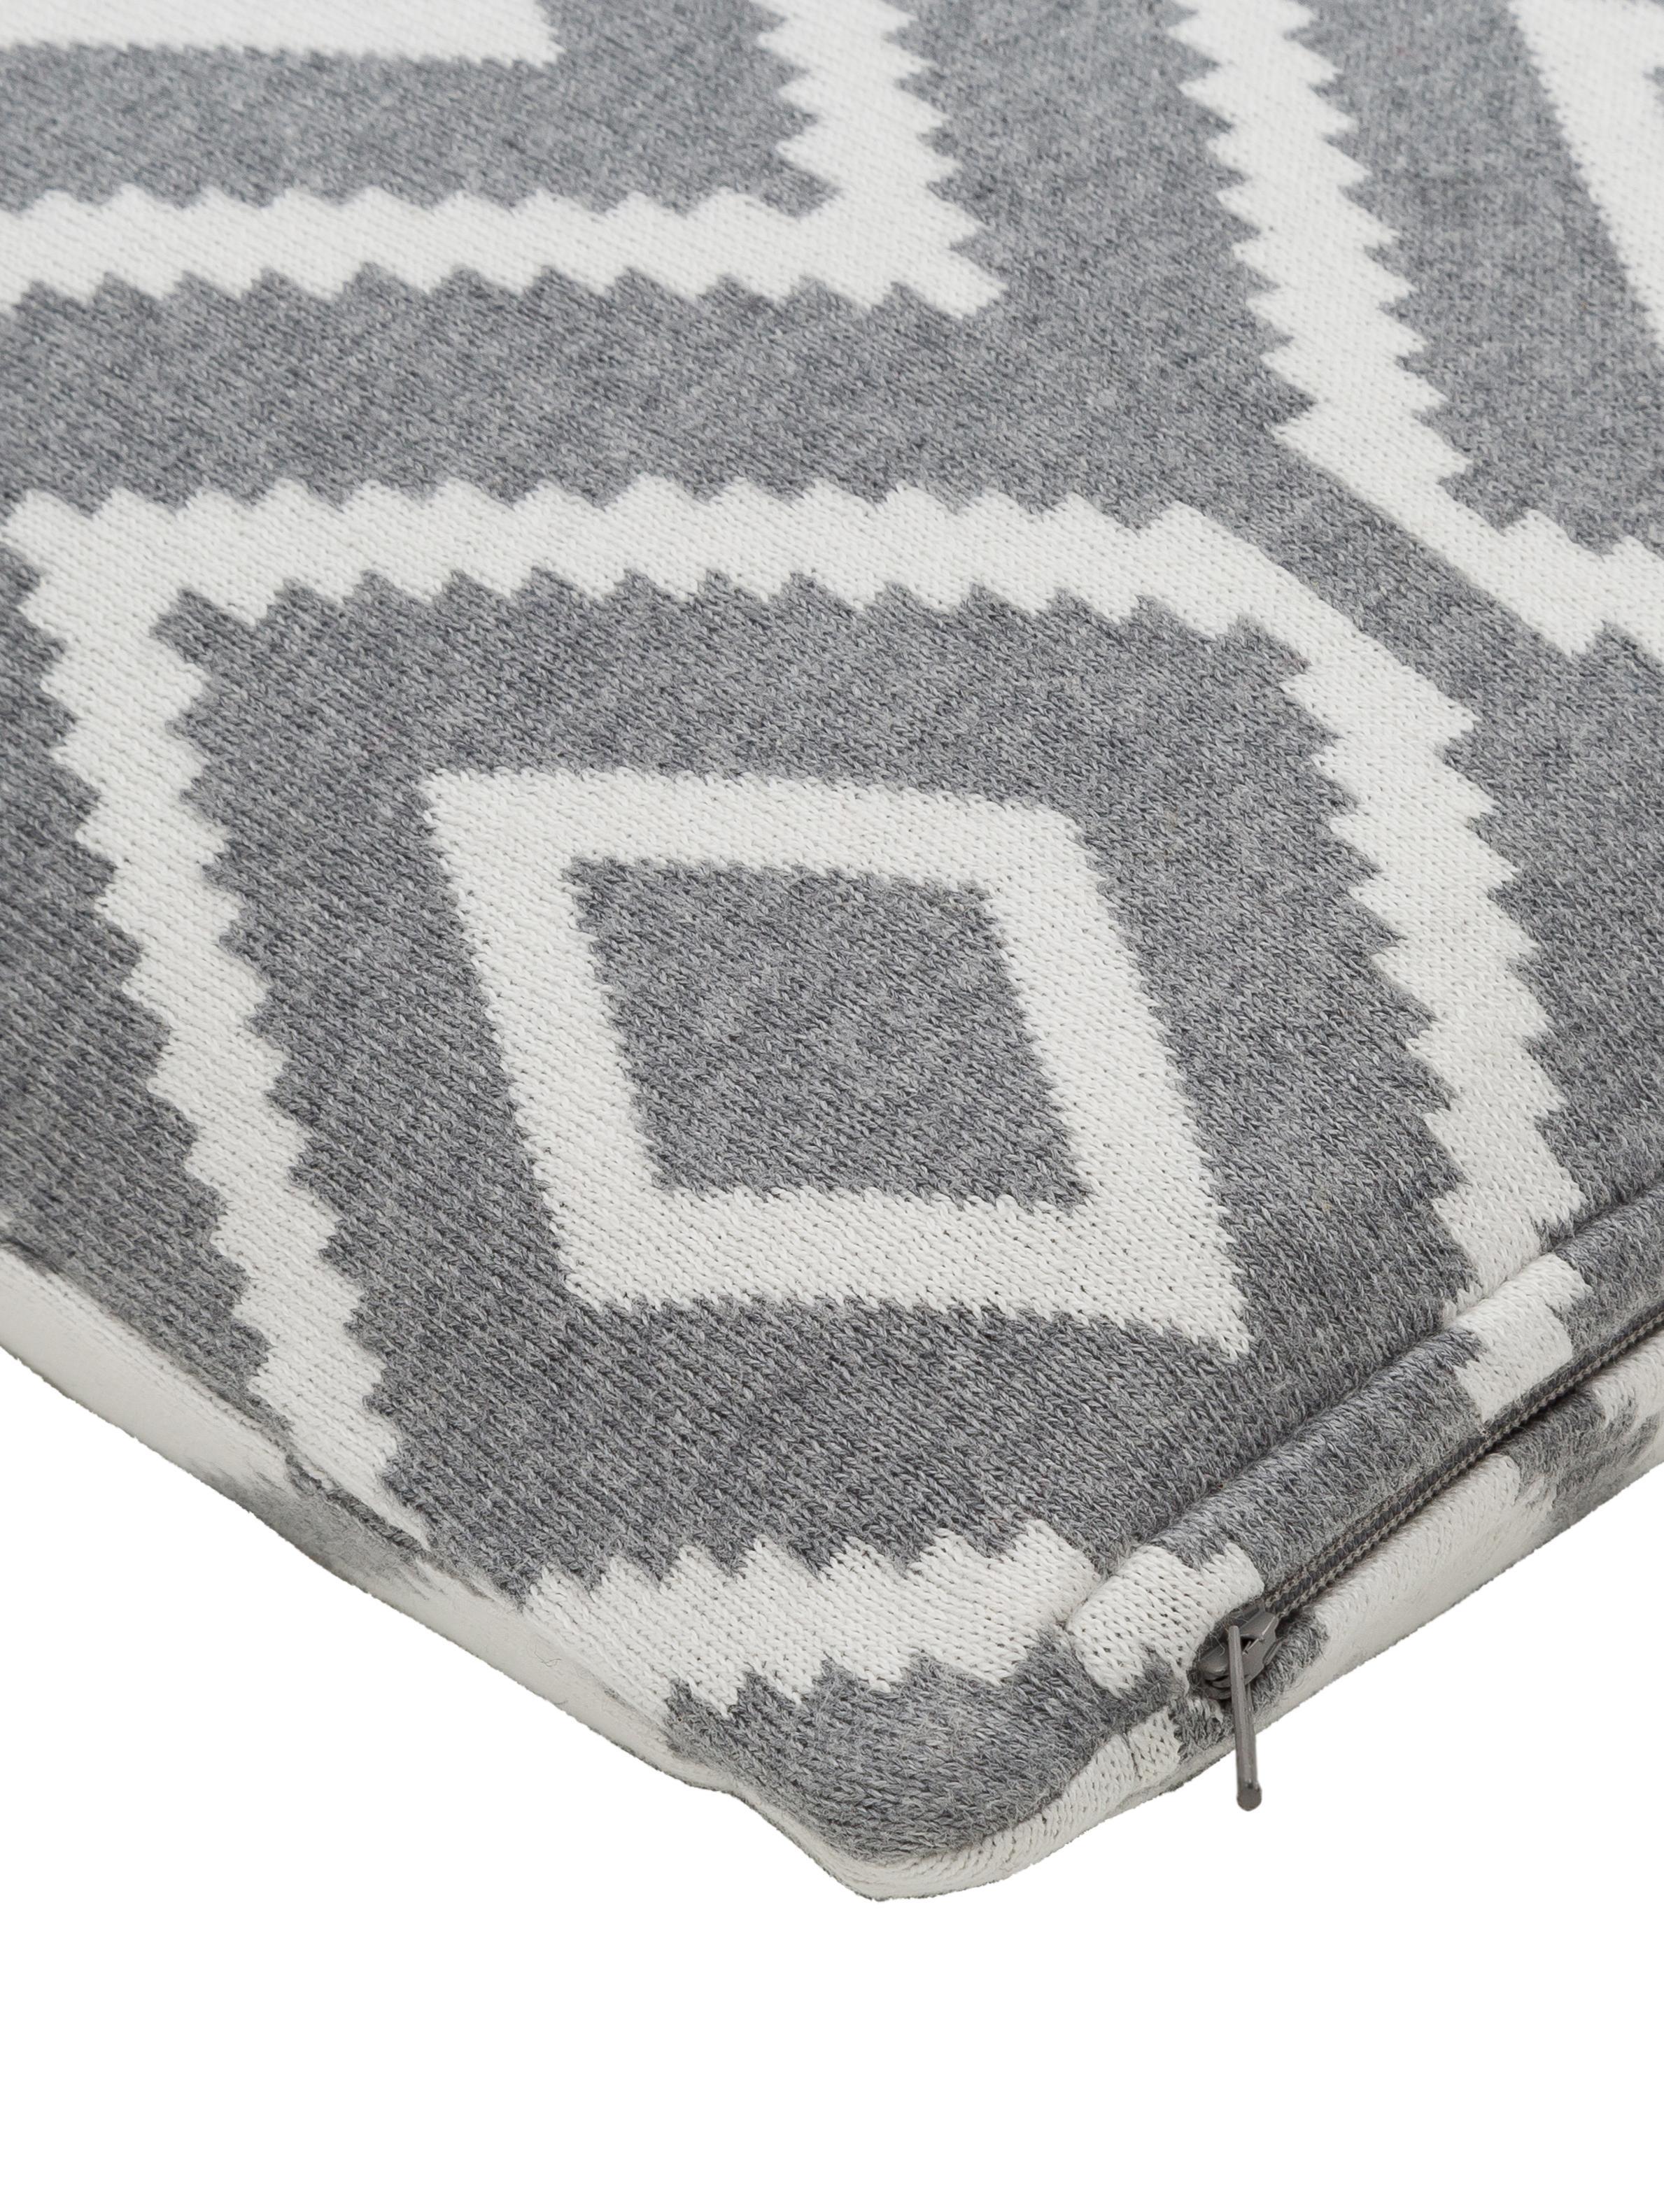 Strick-Wendekissenhülle Chuck mit grafischem Muster in Grau/Weiß, 100% Baumwolle, Grau meliert, Cremeweiß, 40 x 40 cm